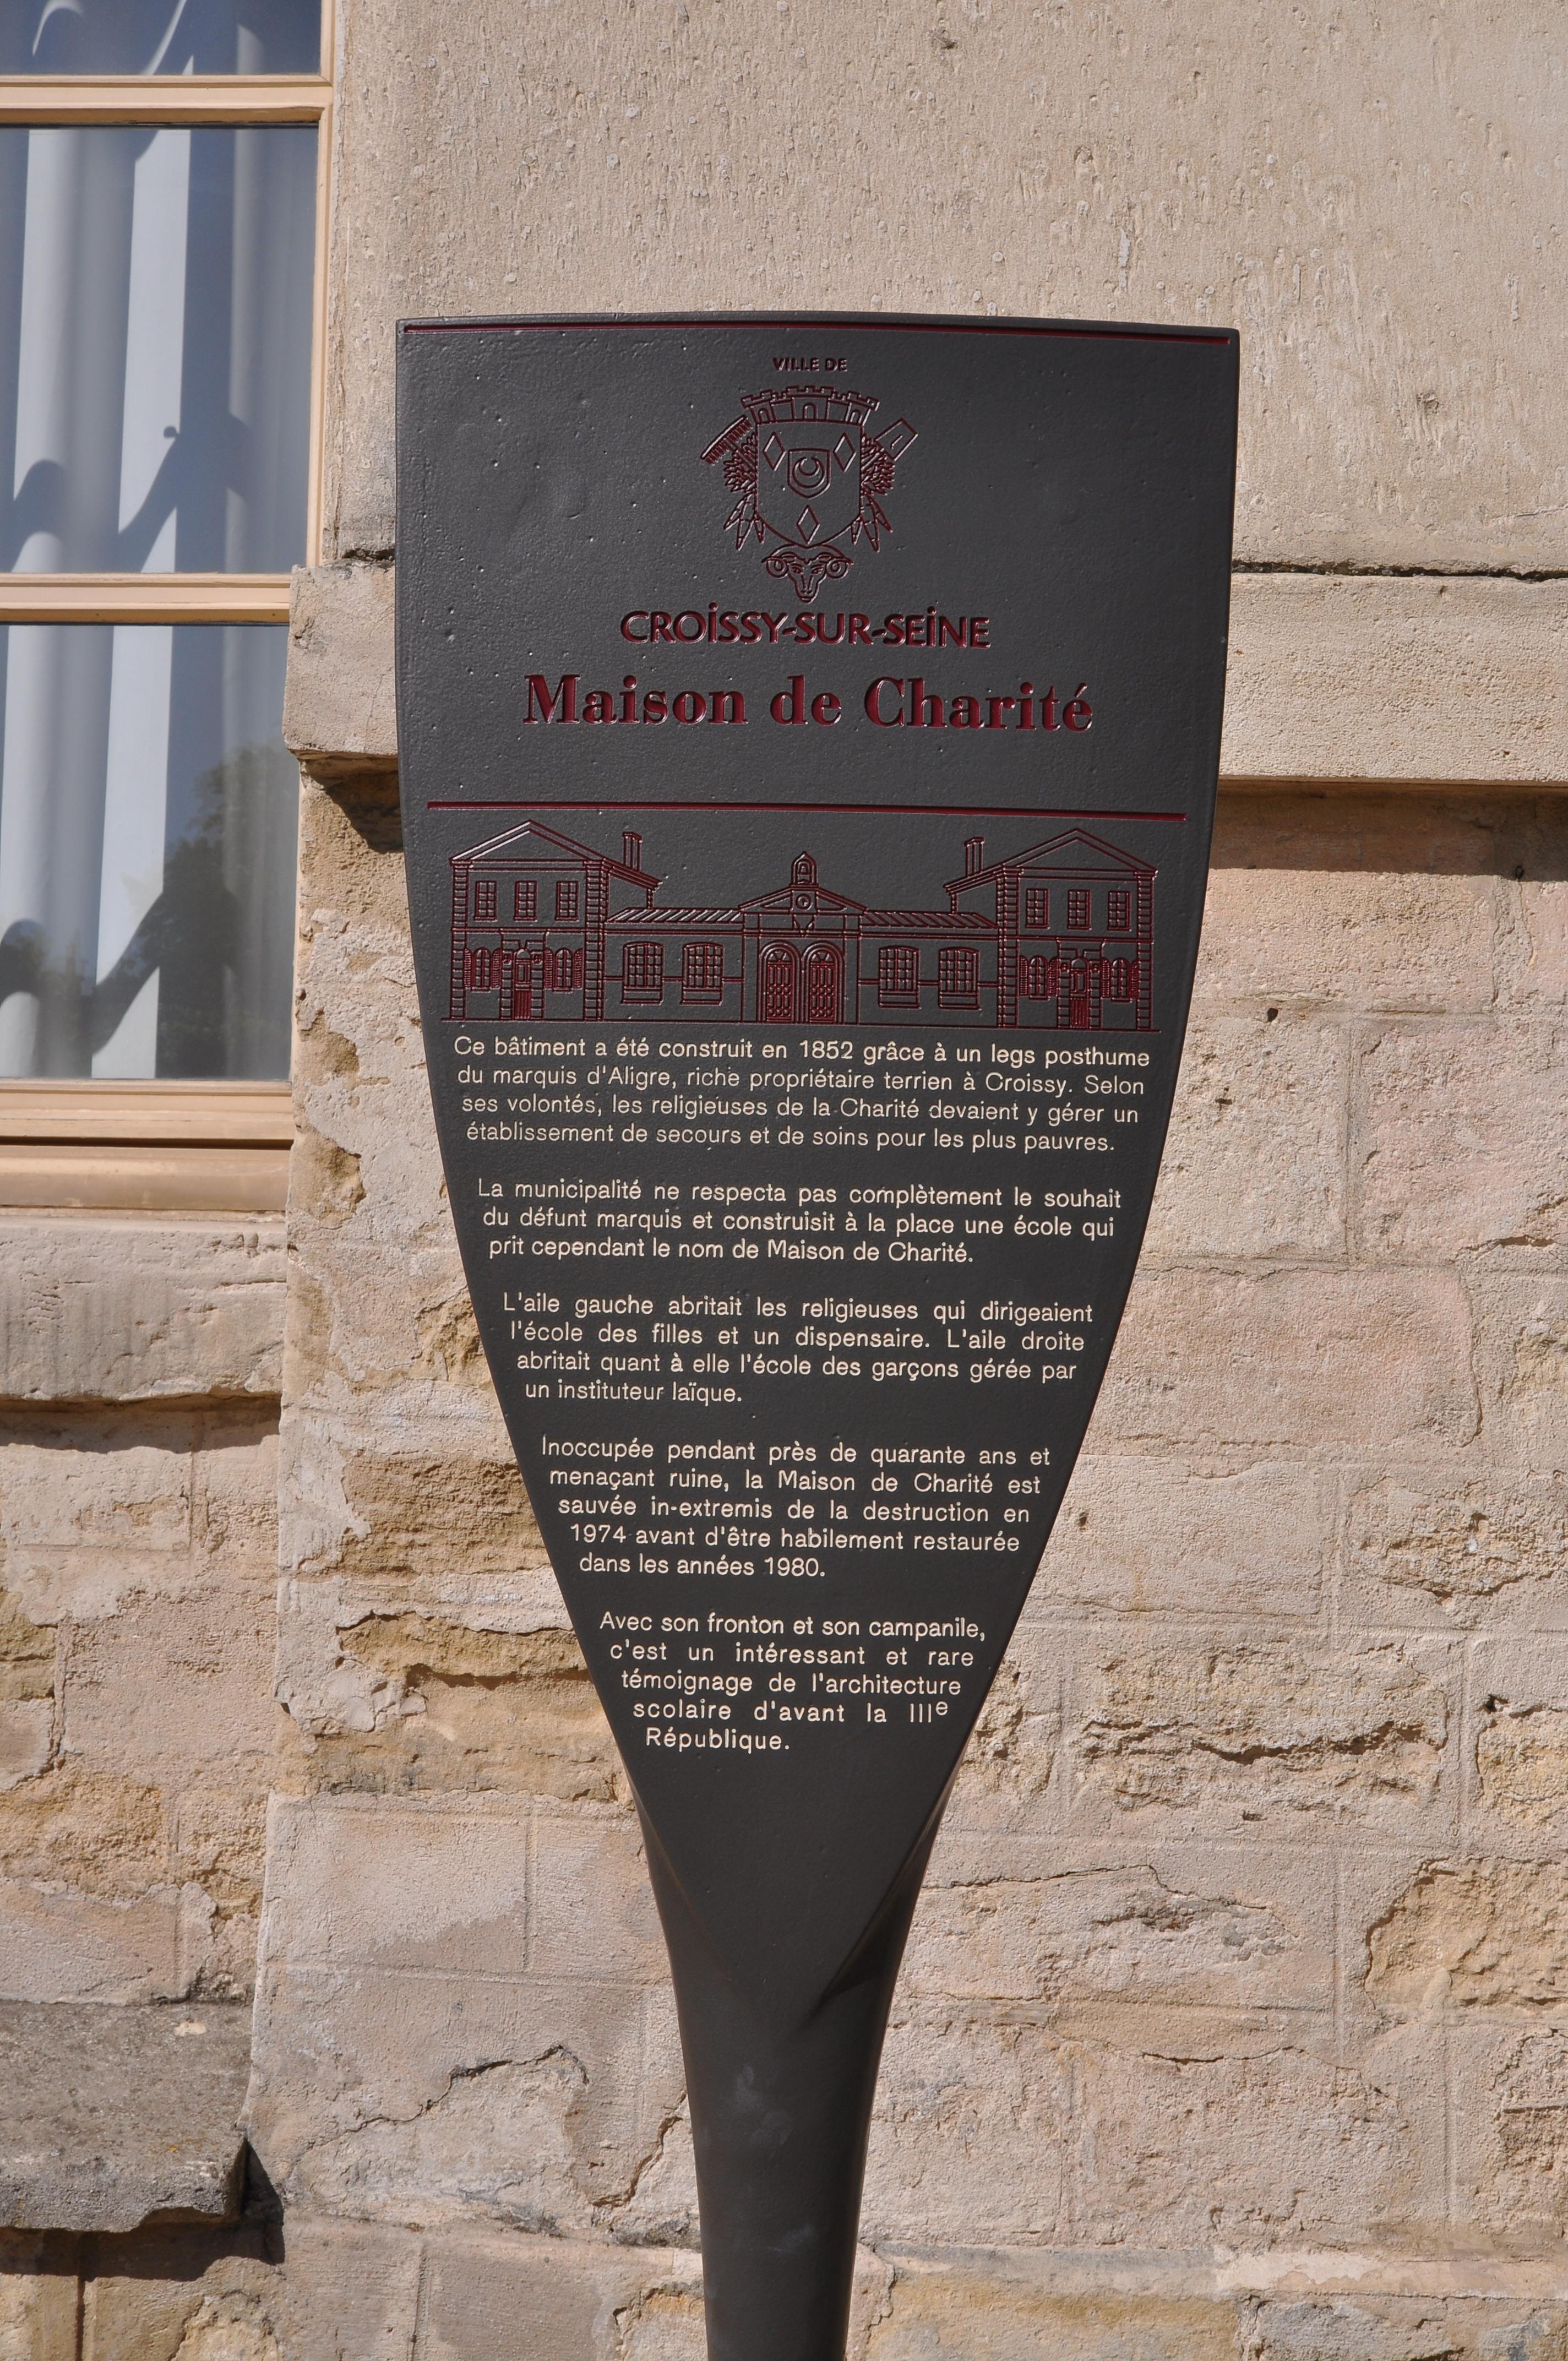 Incroyable File:Croissy Sur Seine Maison De Charité 005.JPG